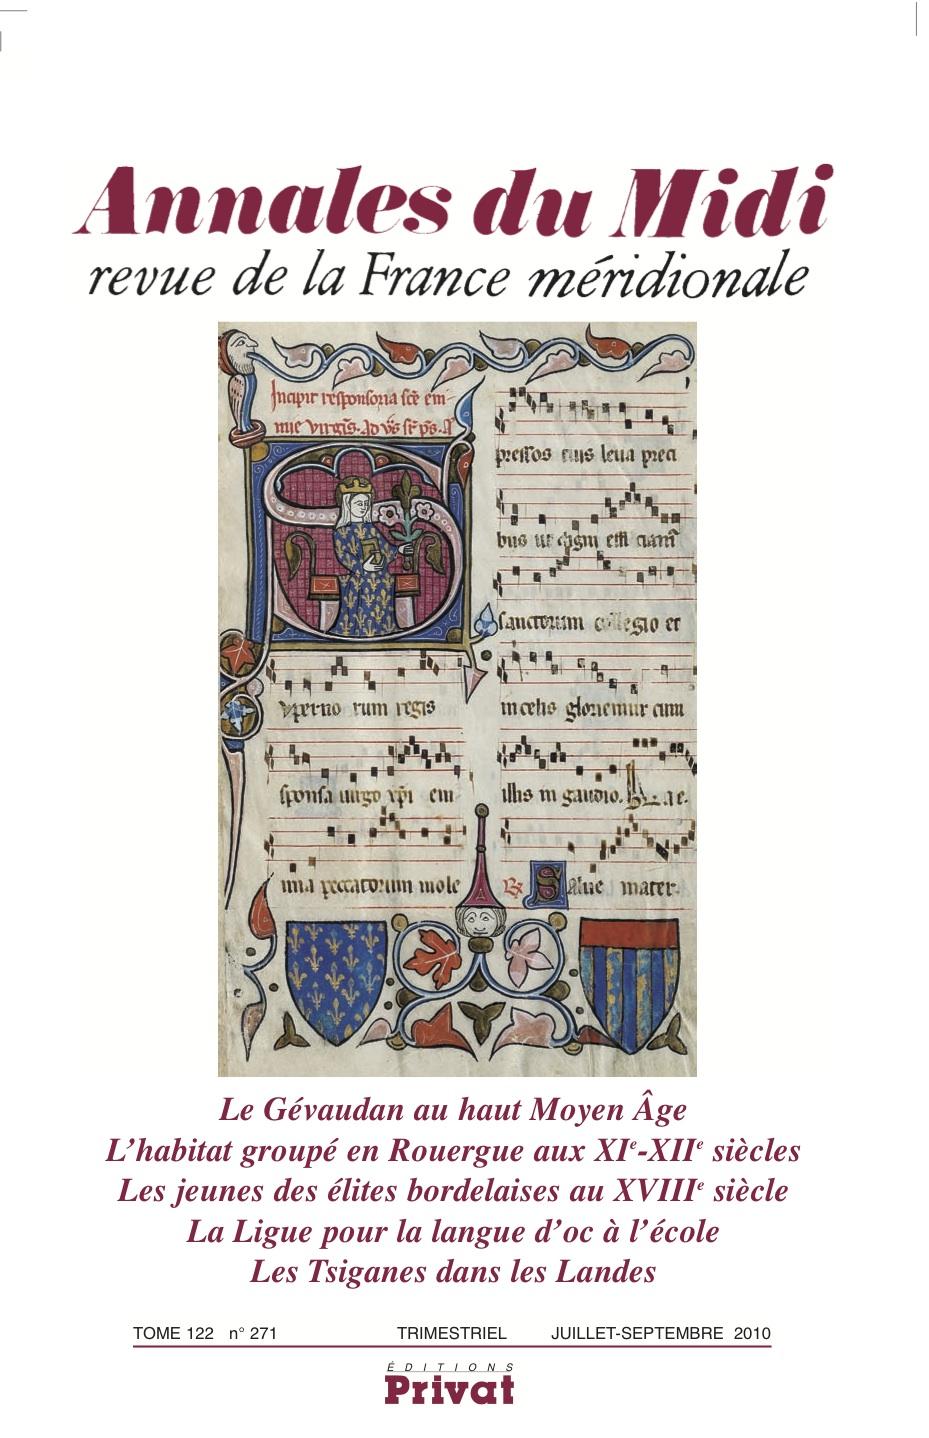 Annales du Midi.jpg